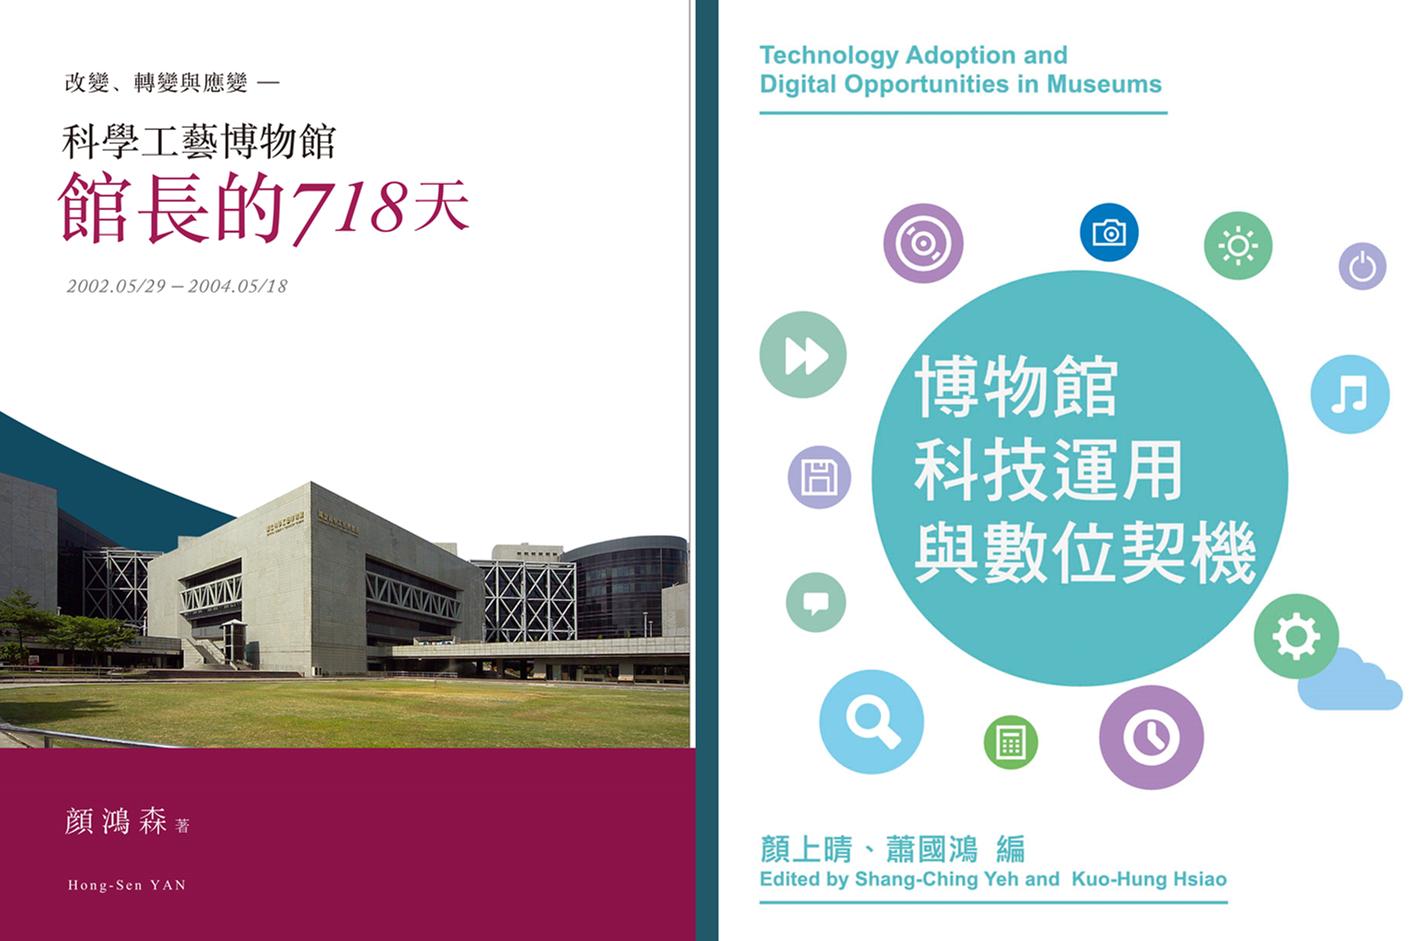 新書發表 《改變、轉變與應變:科學工藝博物館館長的718天》